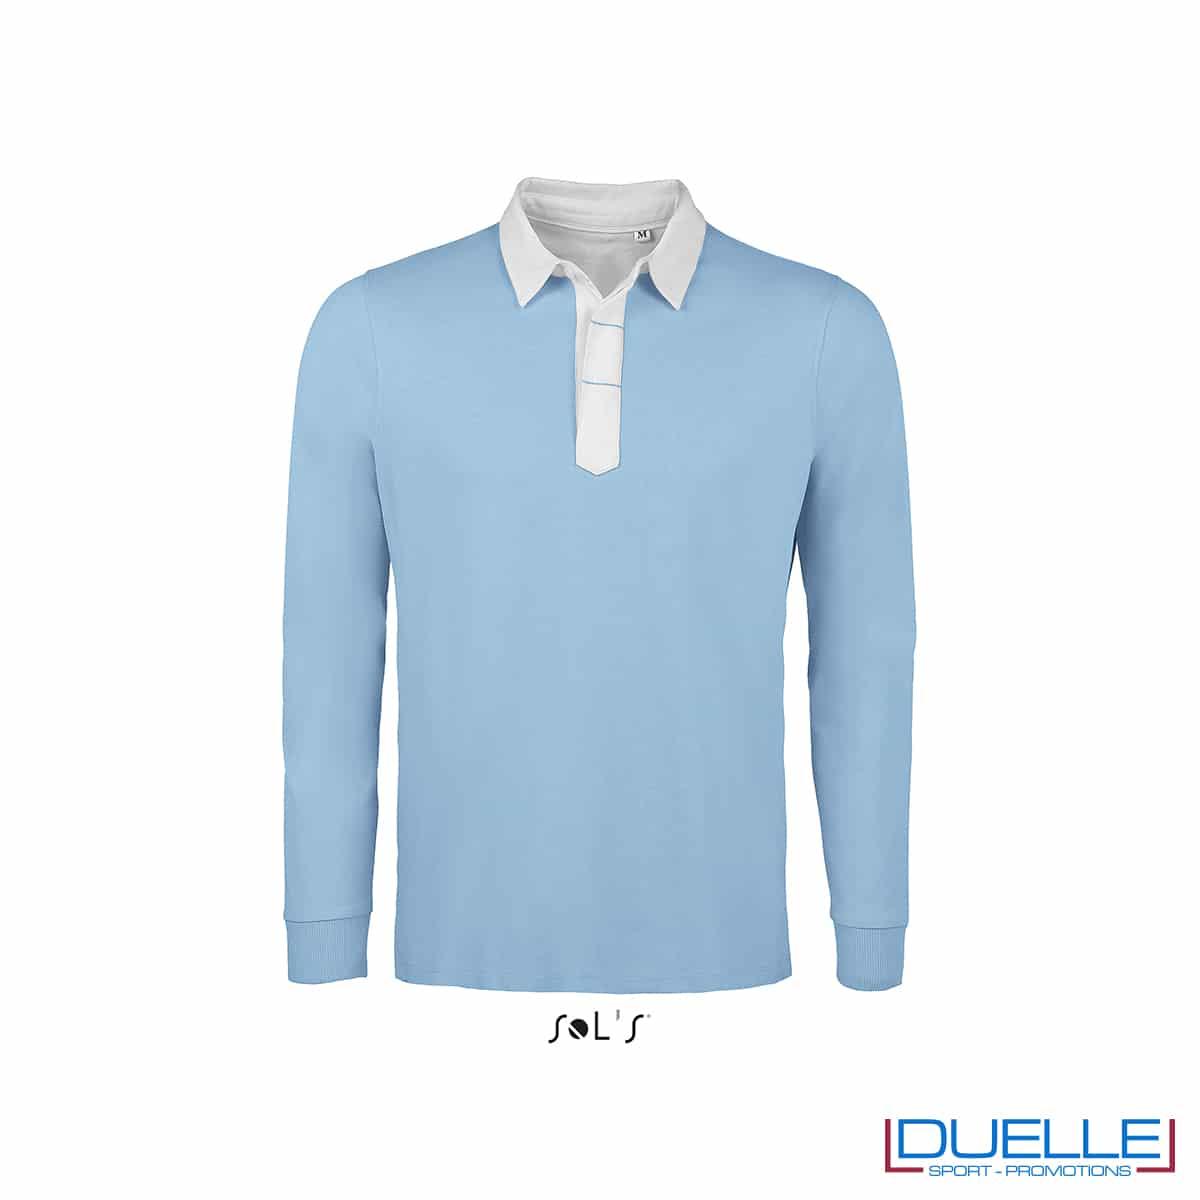 Polo in cotone azzurro con dettagli a contrasto